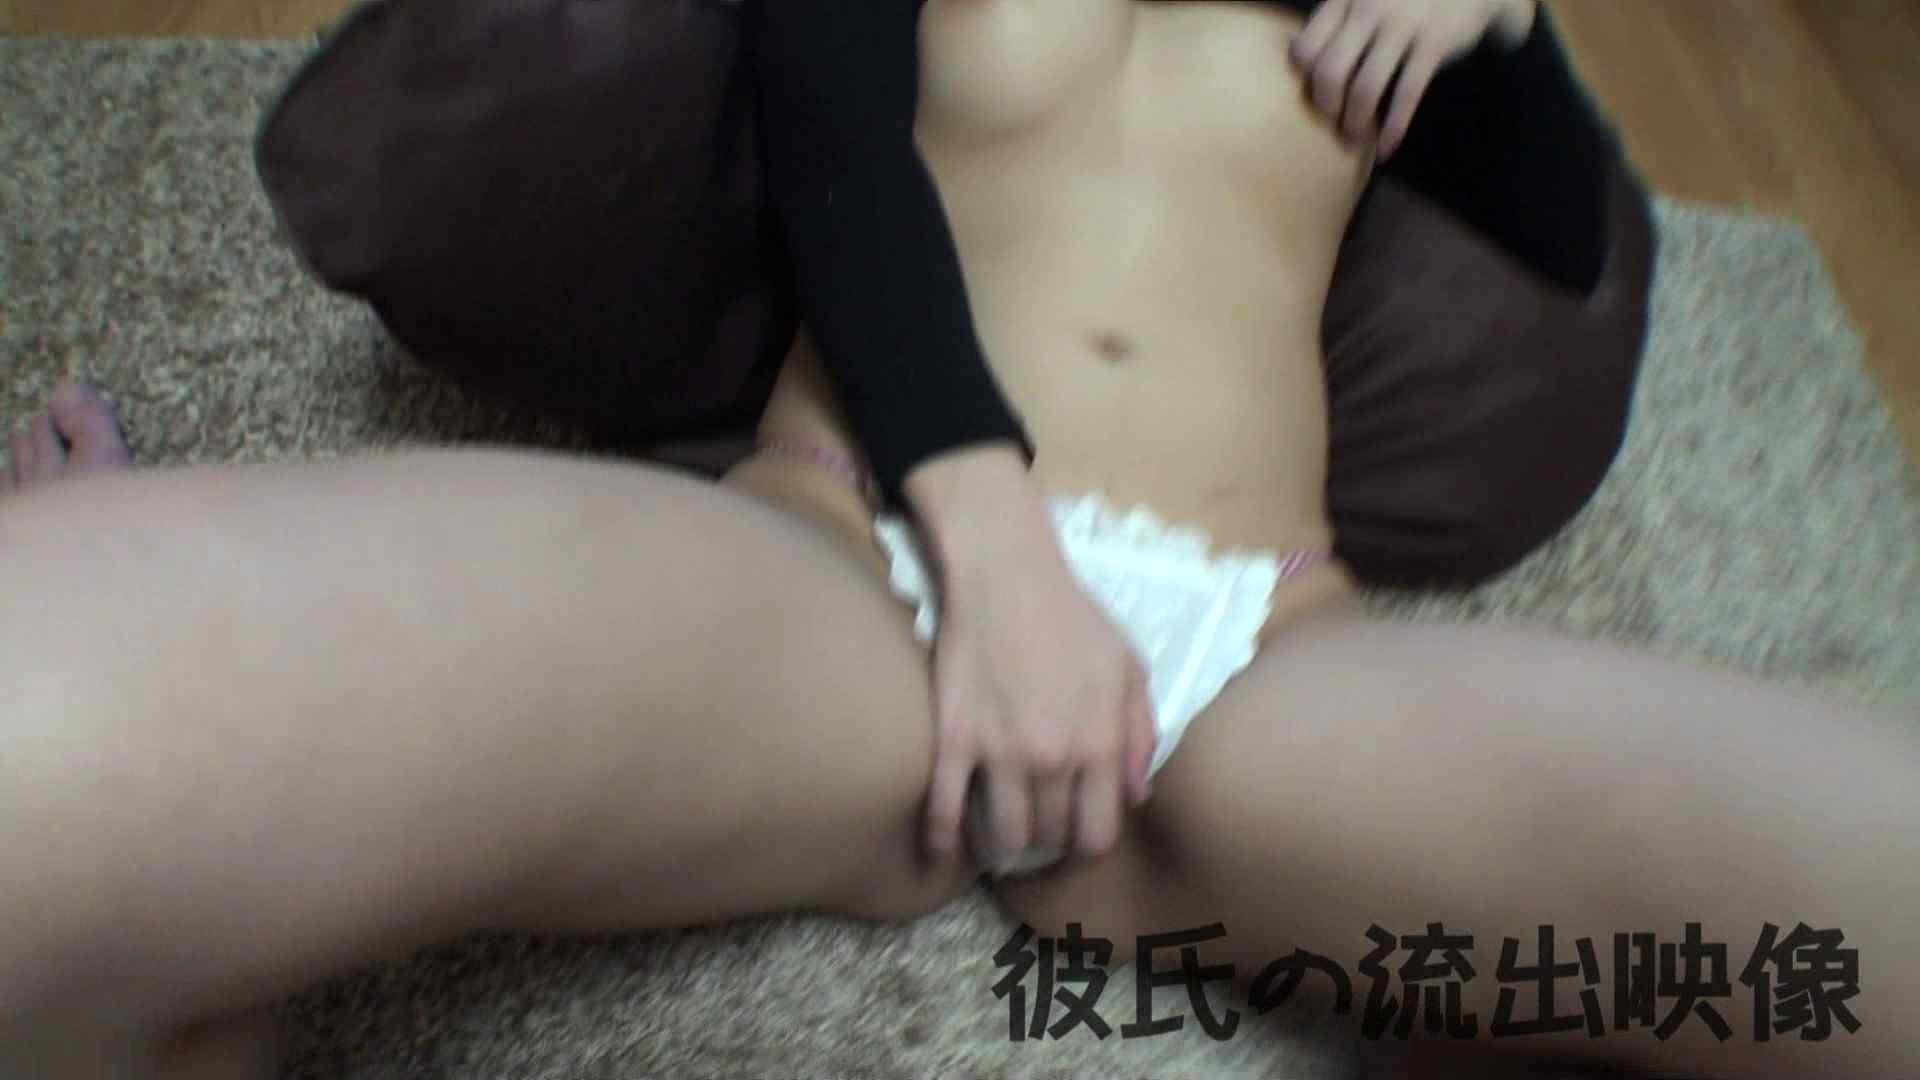 彼氏が流出 パイパン素人嬢のハメ撮り映像04 一般投稿  82連発 41